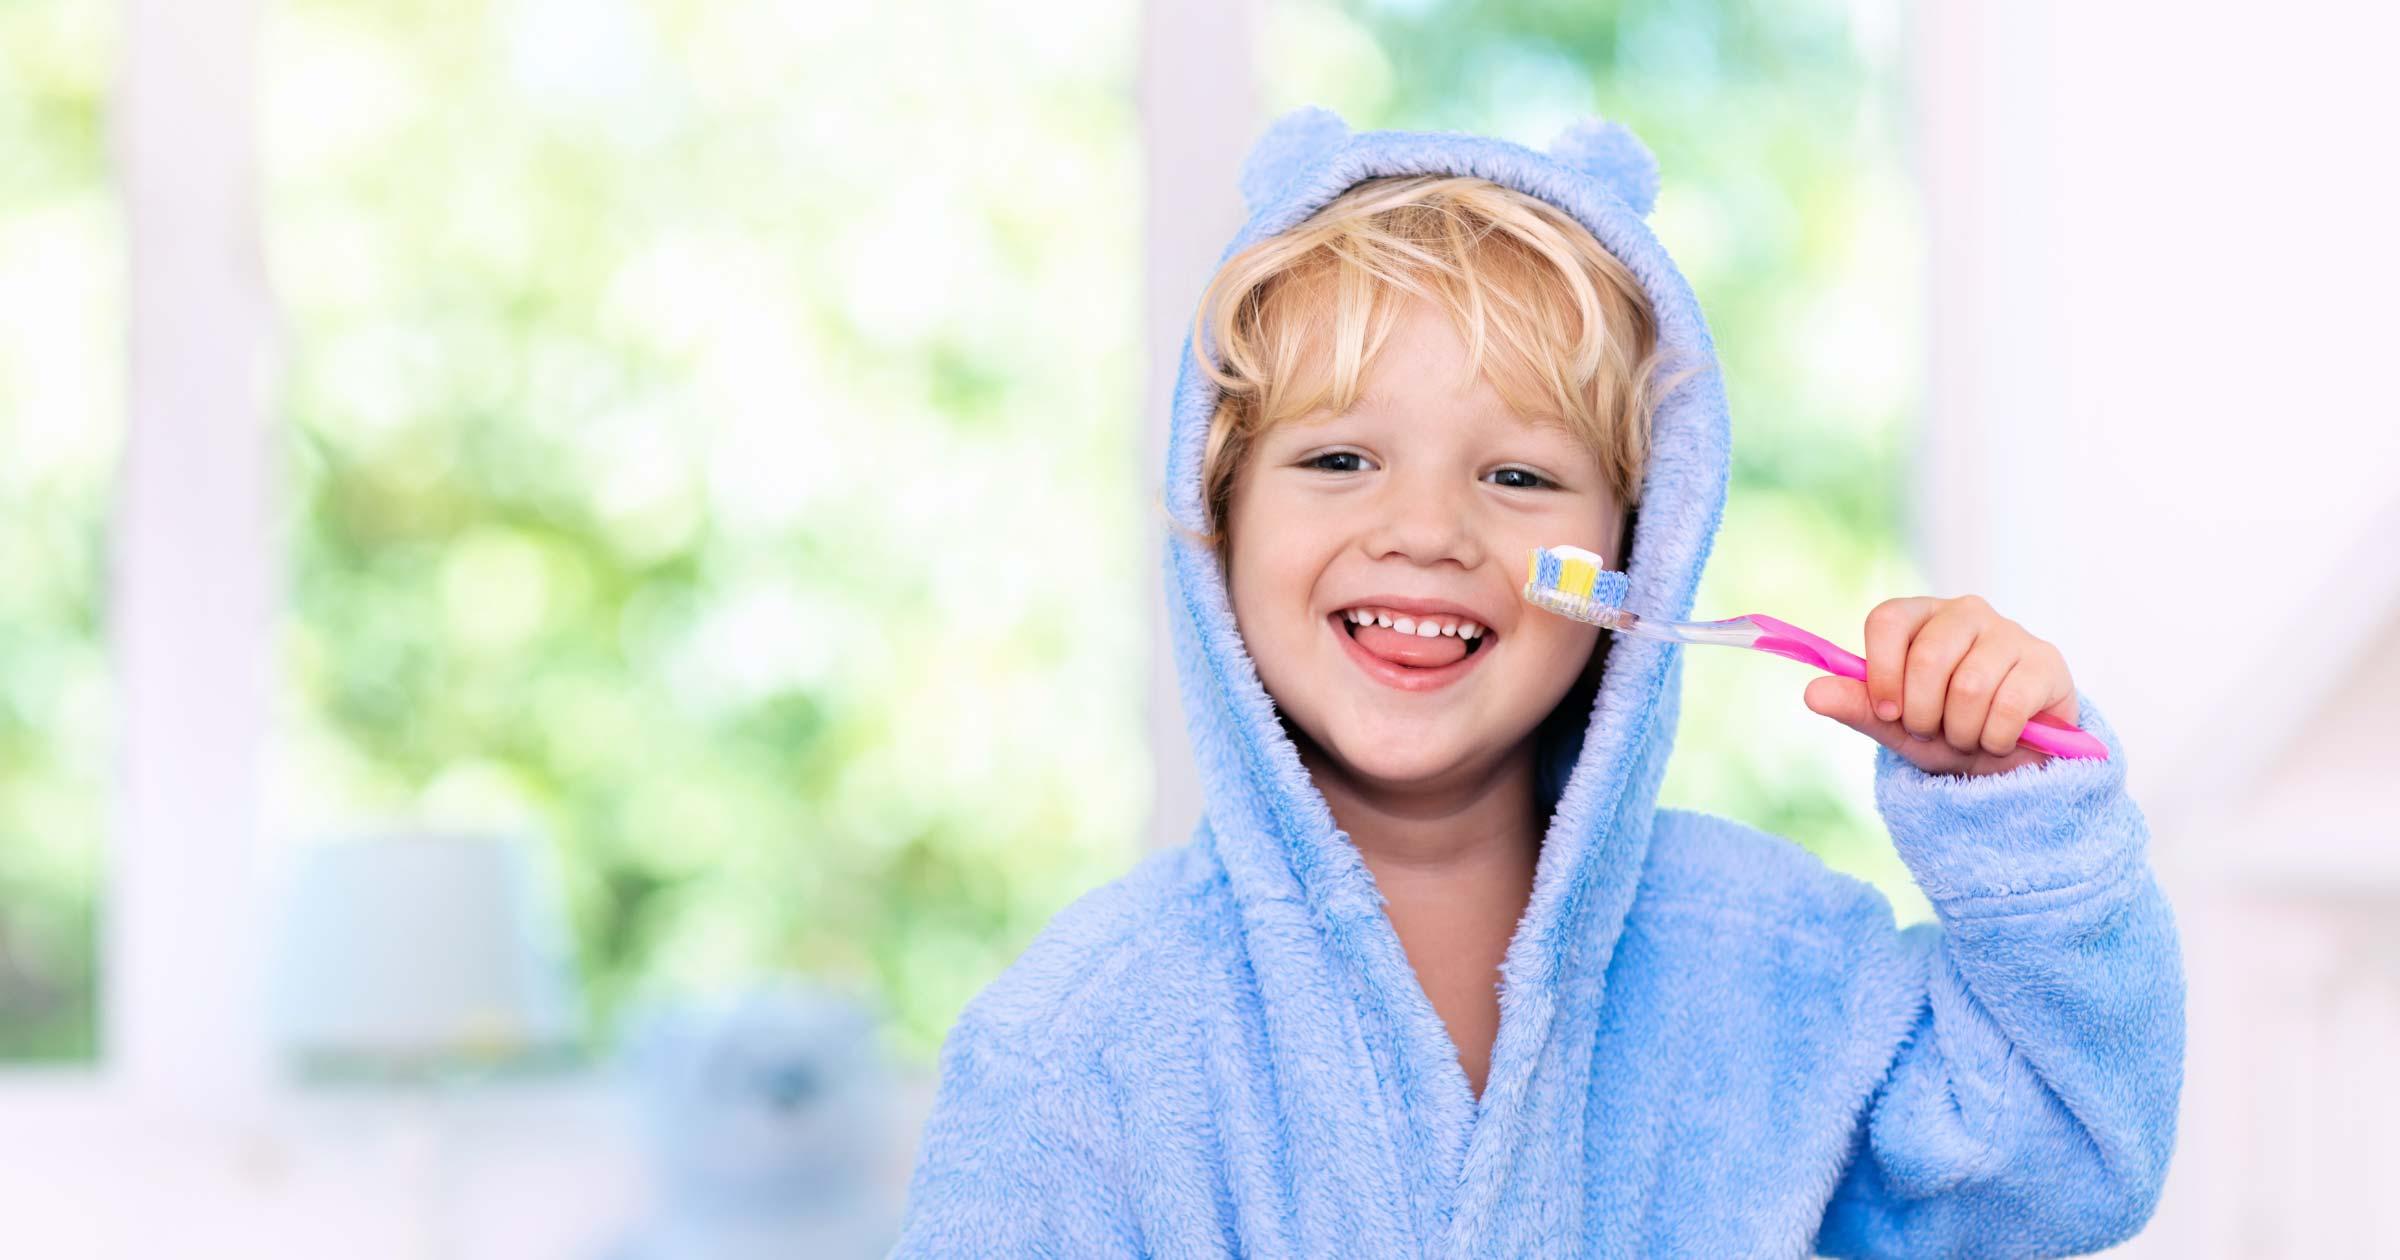 Richtiges Zähneputzen beim Kleinkind - so klappt es!